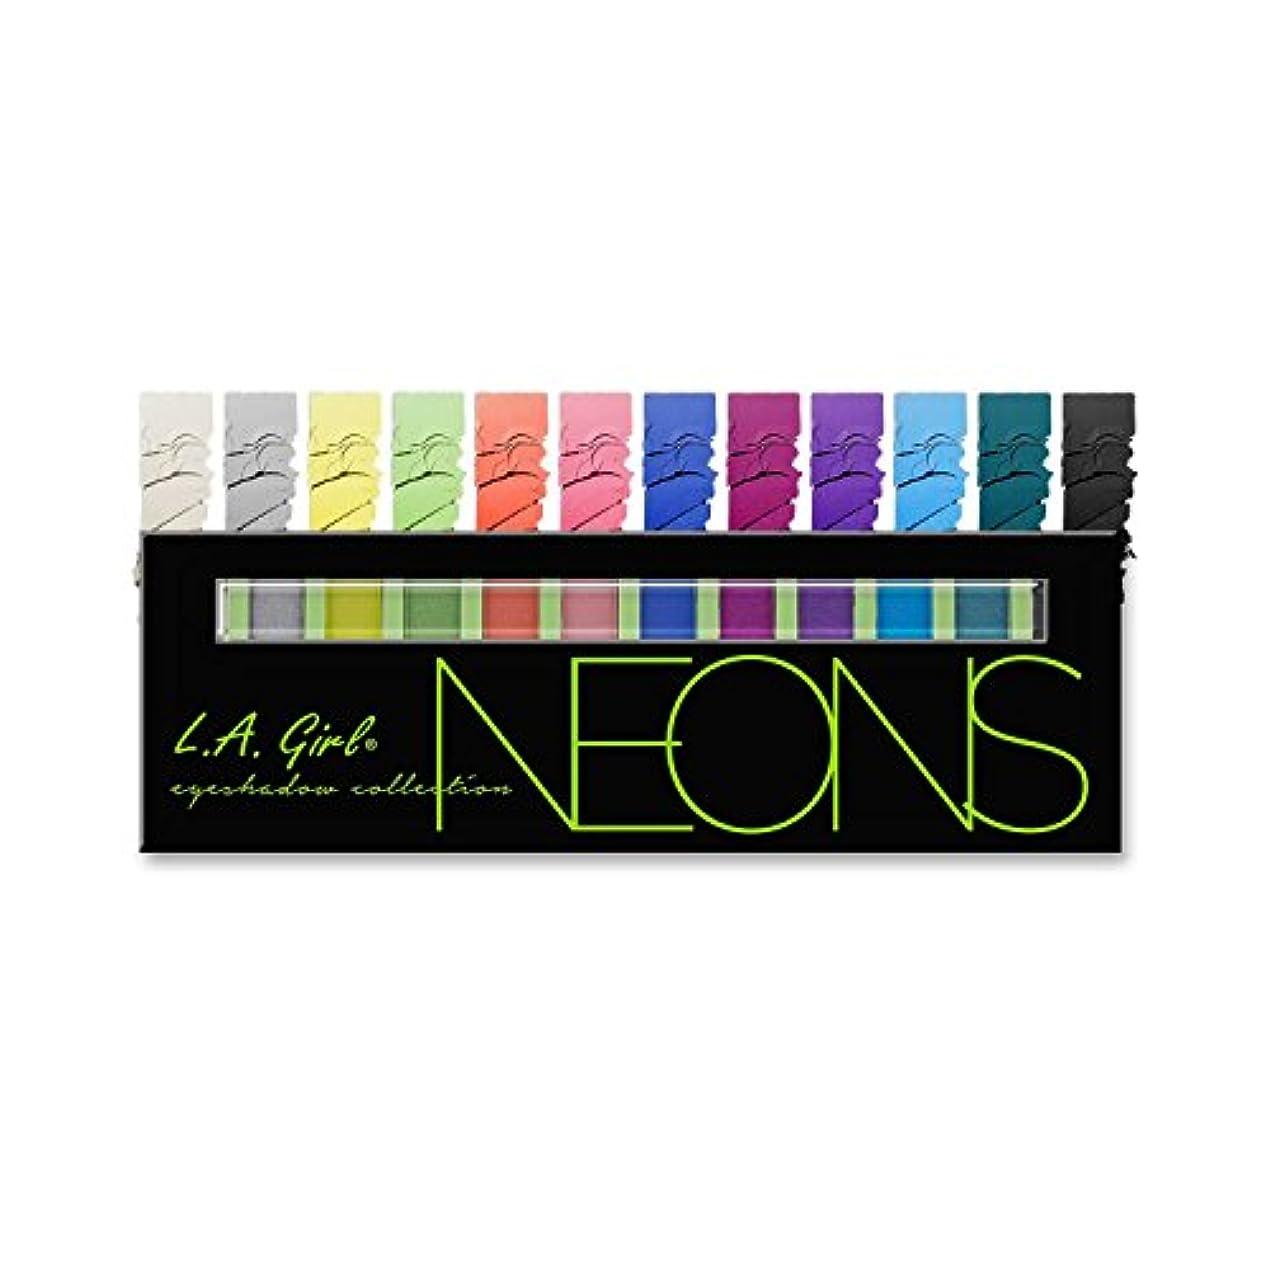 ちっちゃい付属品驚くべきLA GIRL Beauty Brick Eyeshadow Collection - Neons (並行輸入品)